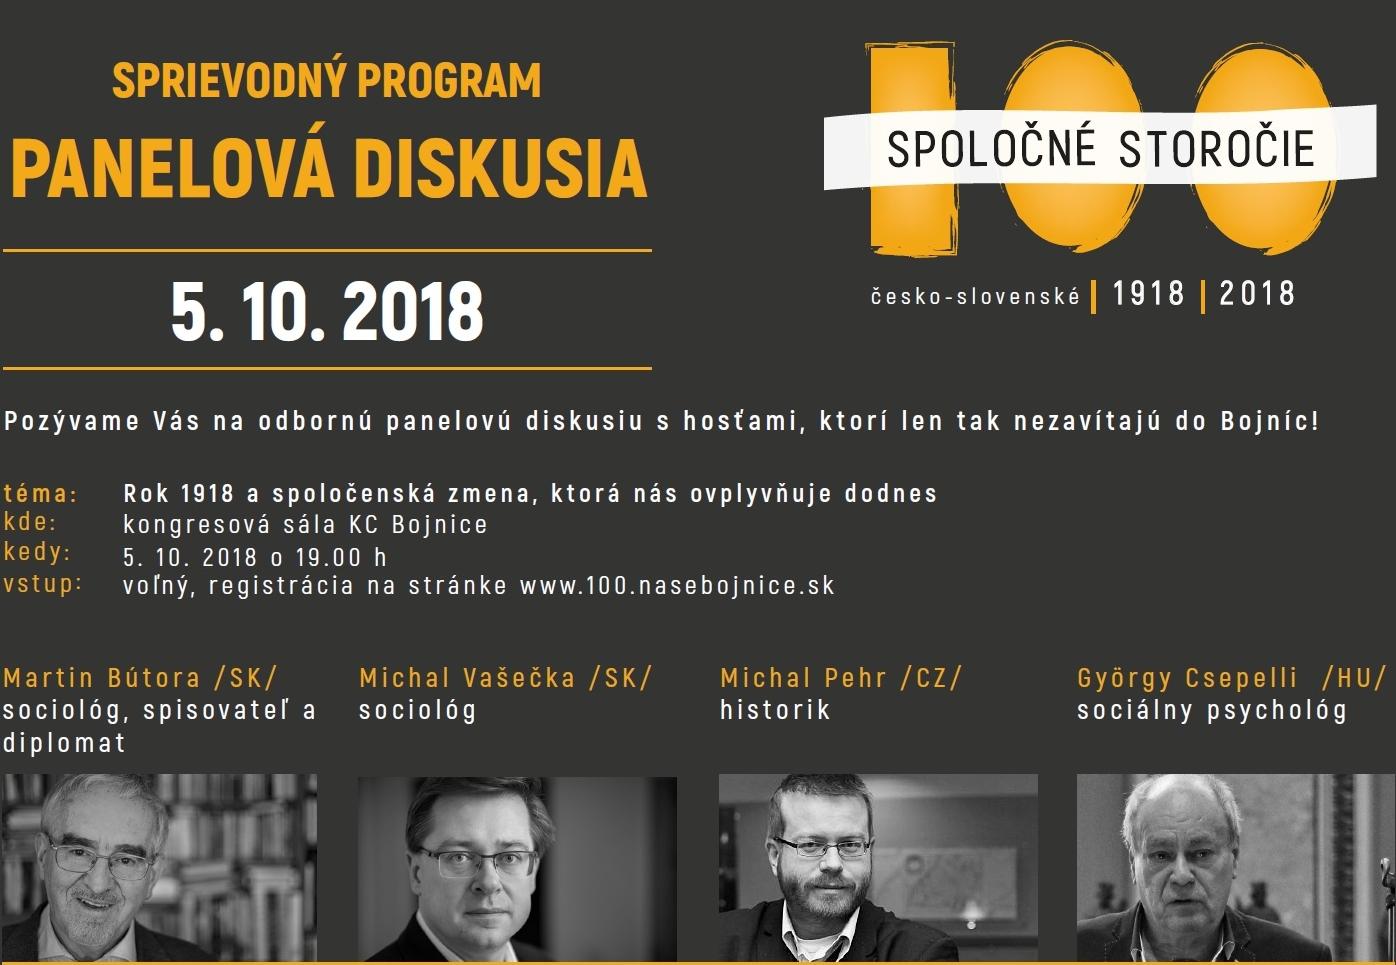 Spoločné storočie: Panelová diskusia